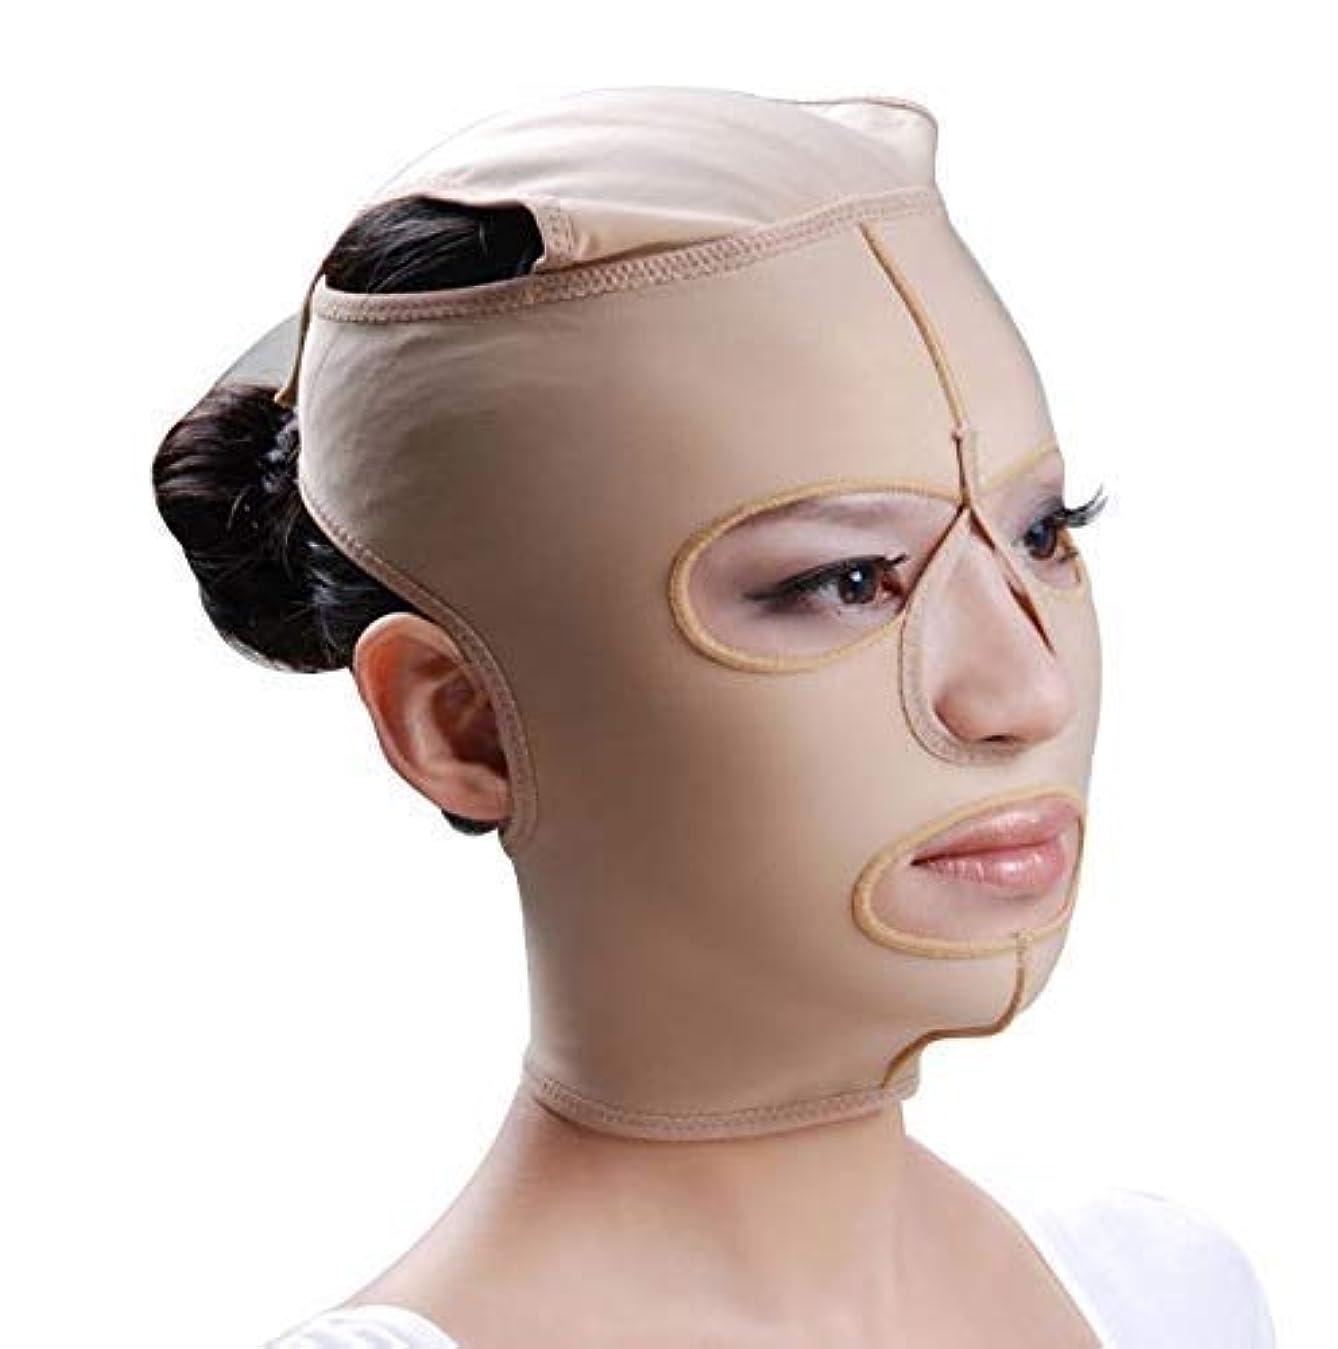 光賭け火山学者ファーミングフェイスマスク、フェイシャルマスク弾性フェイスリフティングリフティングファーミングパターンマイクロフィニッシングポストモデリングコンプレッションフェイスマスク(サイズ:L)